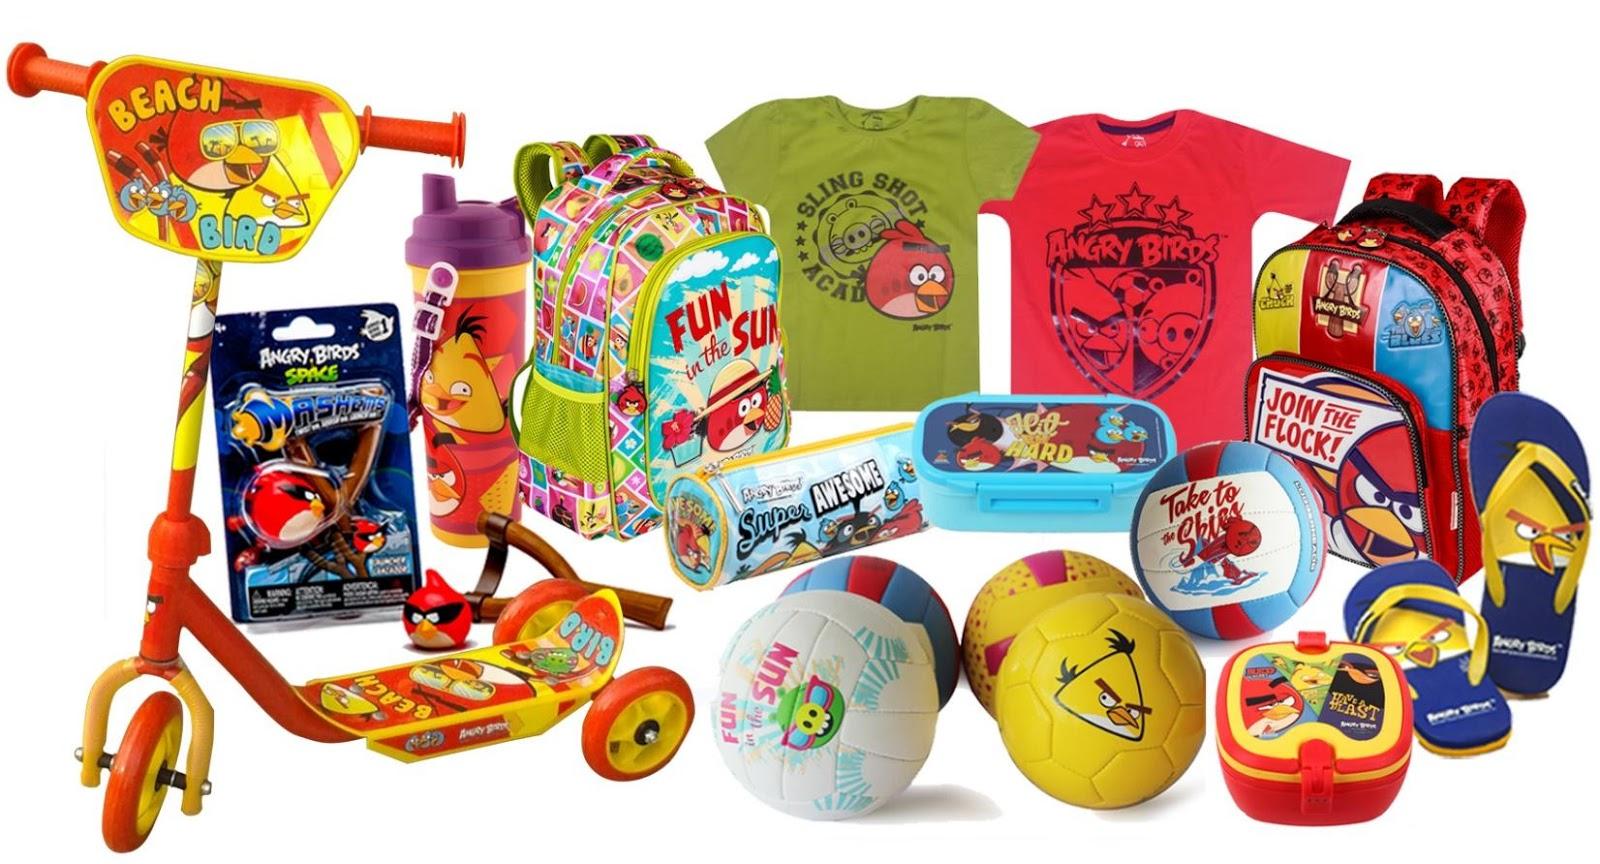 Angry Birds Merchandise image